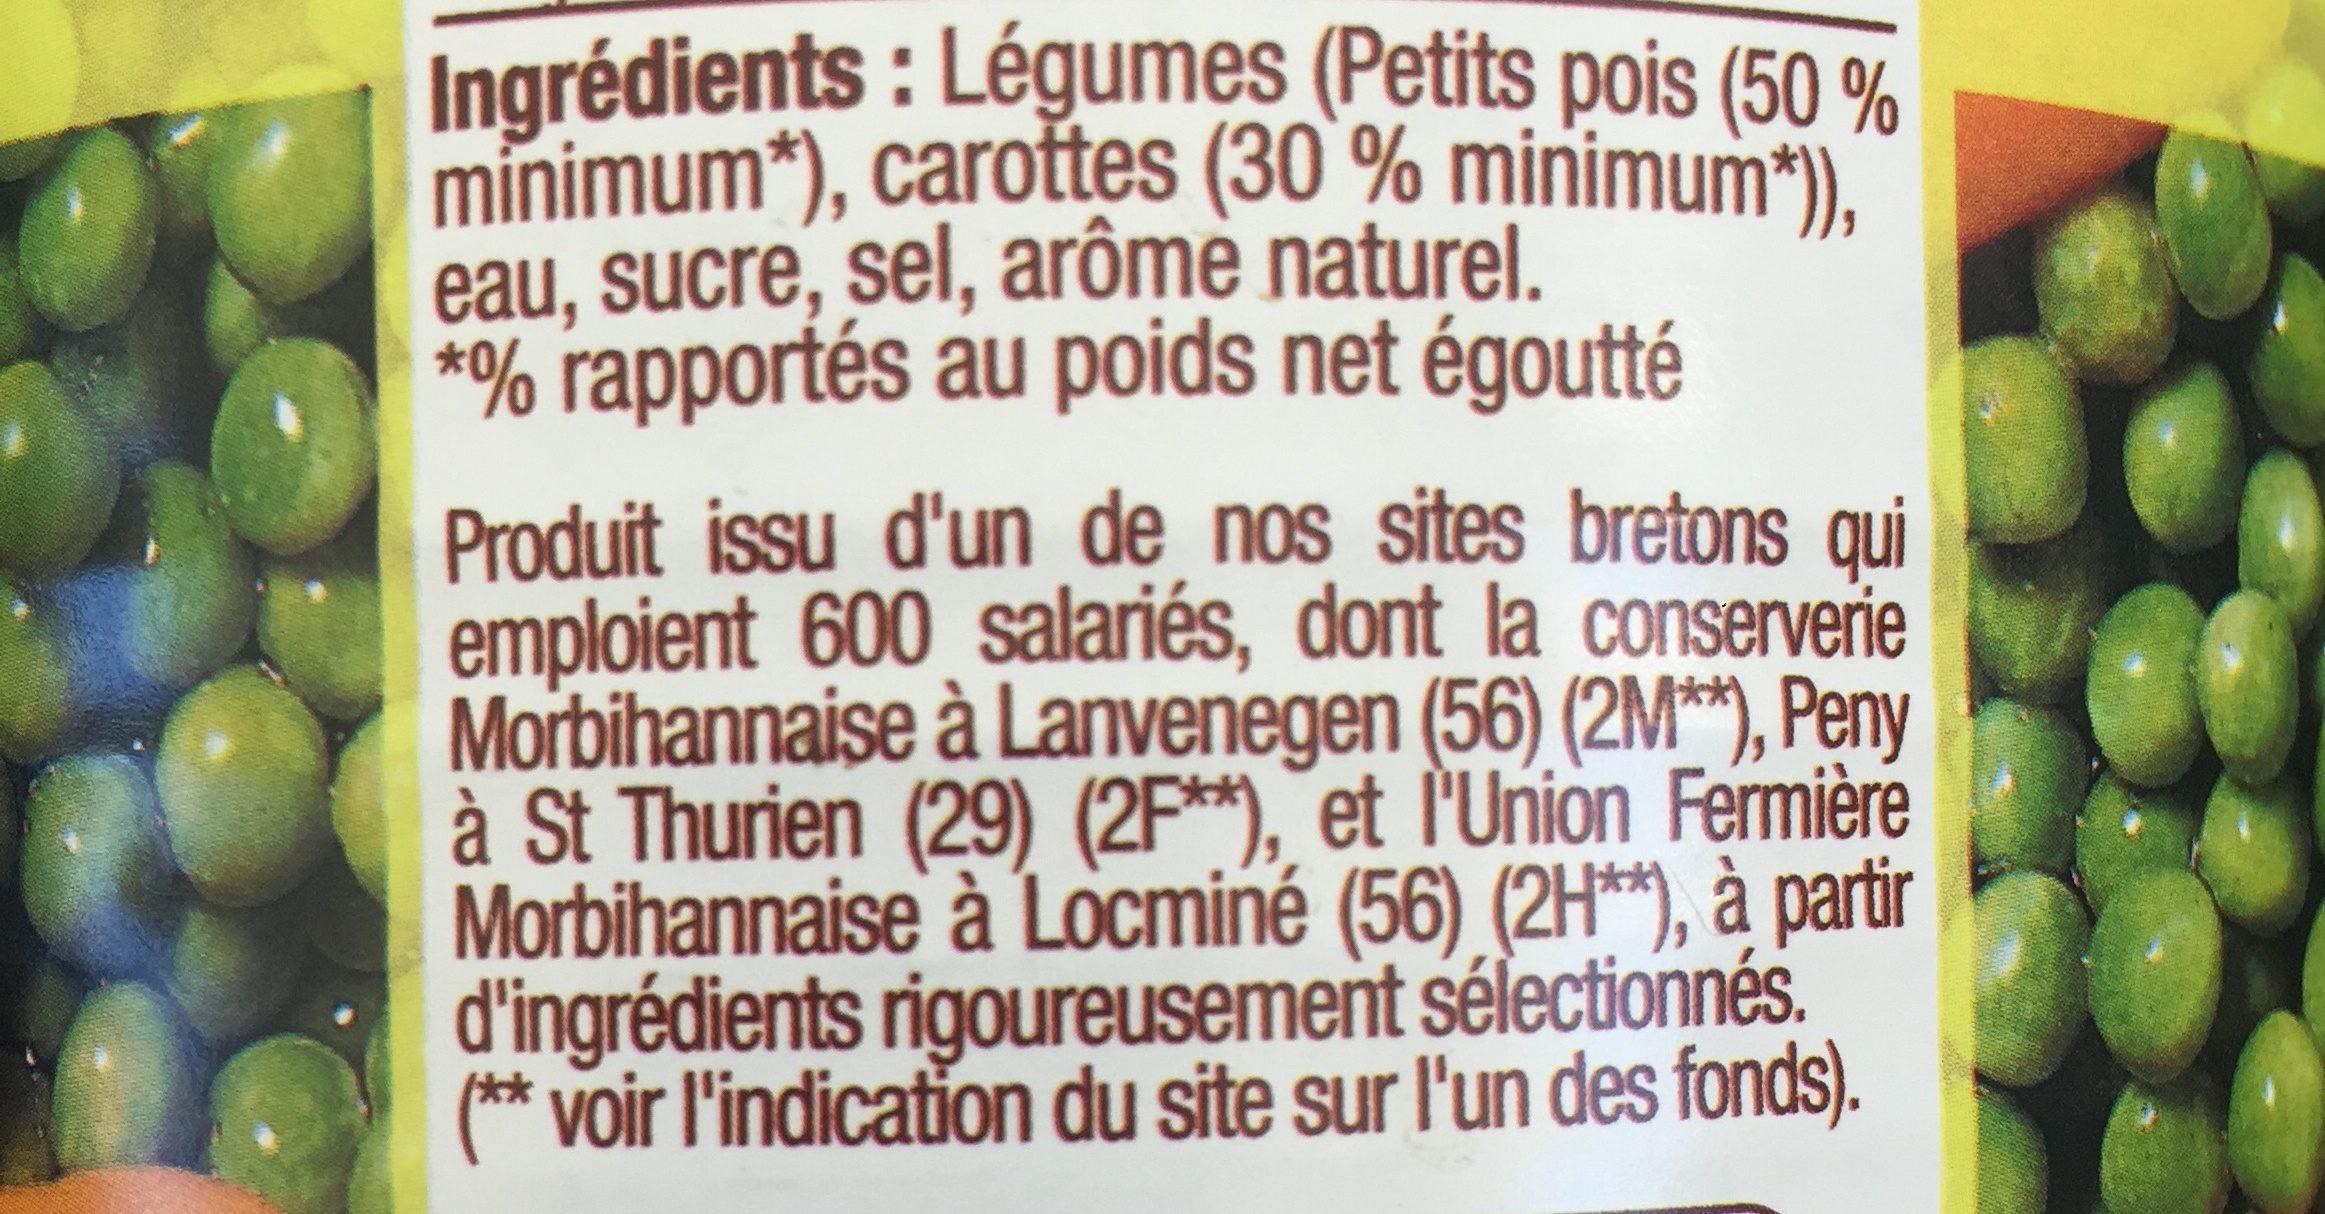 Petits Pois Carottes Extra Fins - Ingrédients - fr